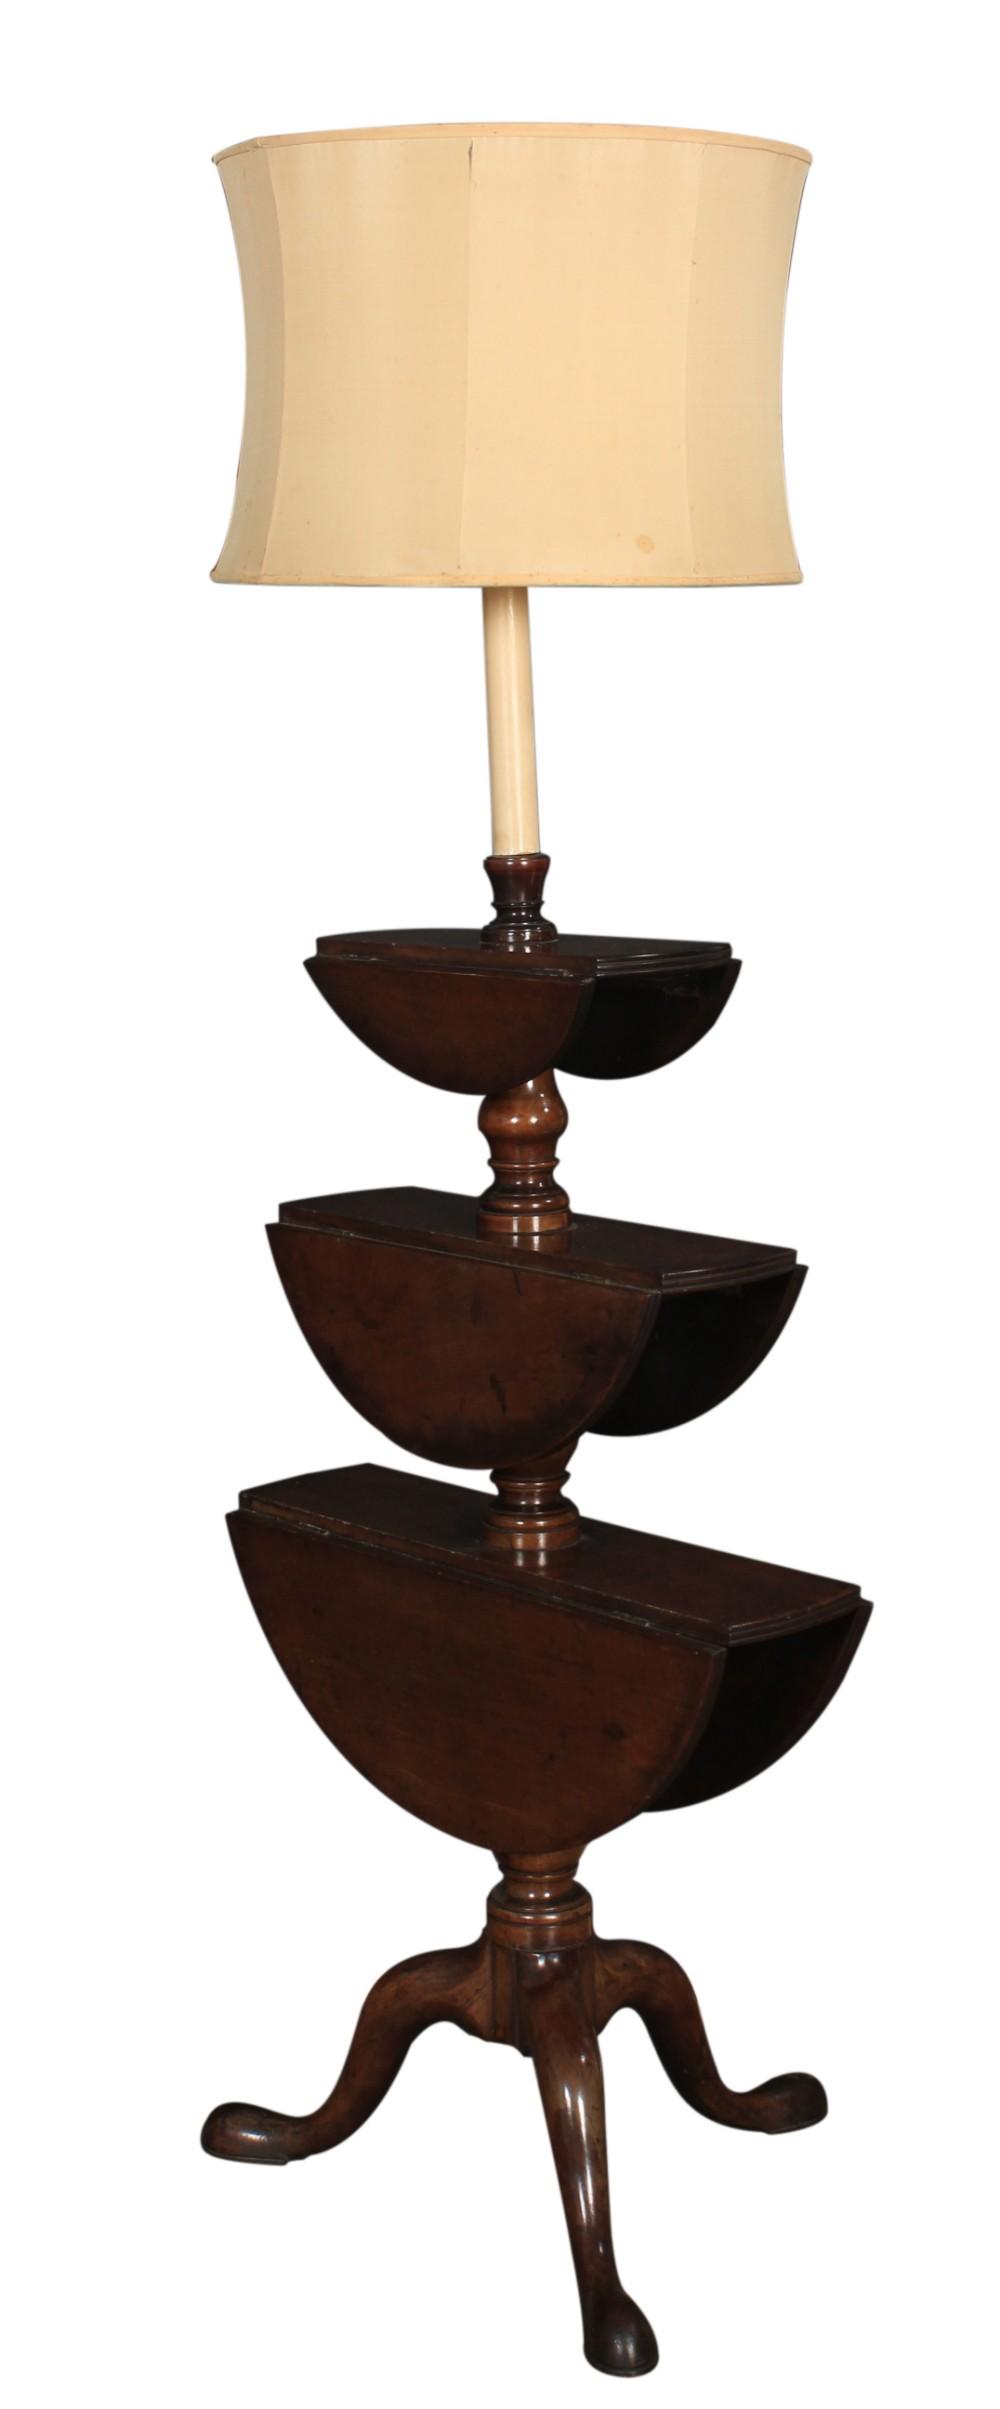 georgian mahogany rotating dumb waiter lamp